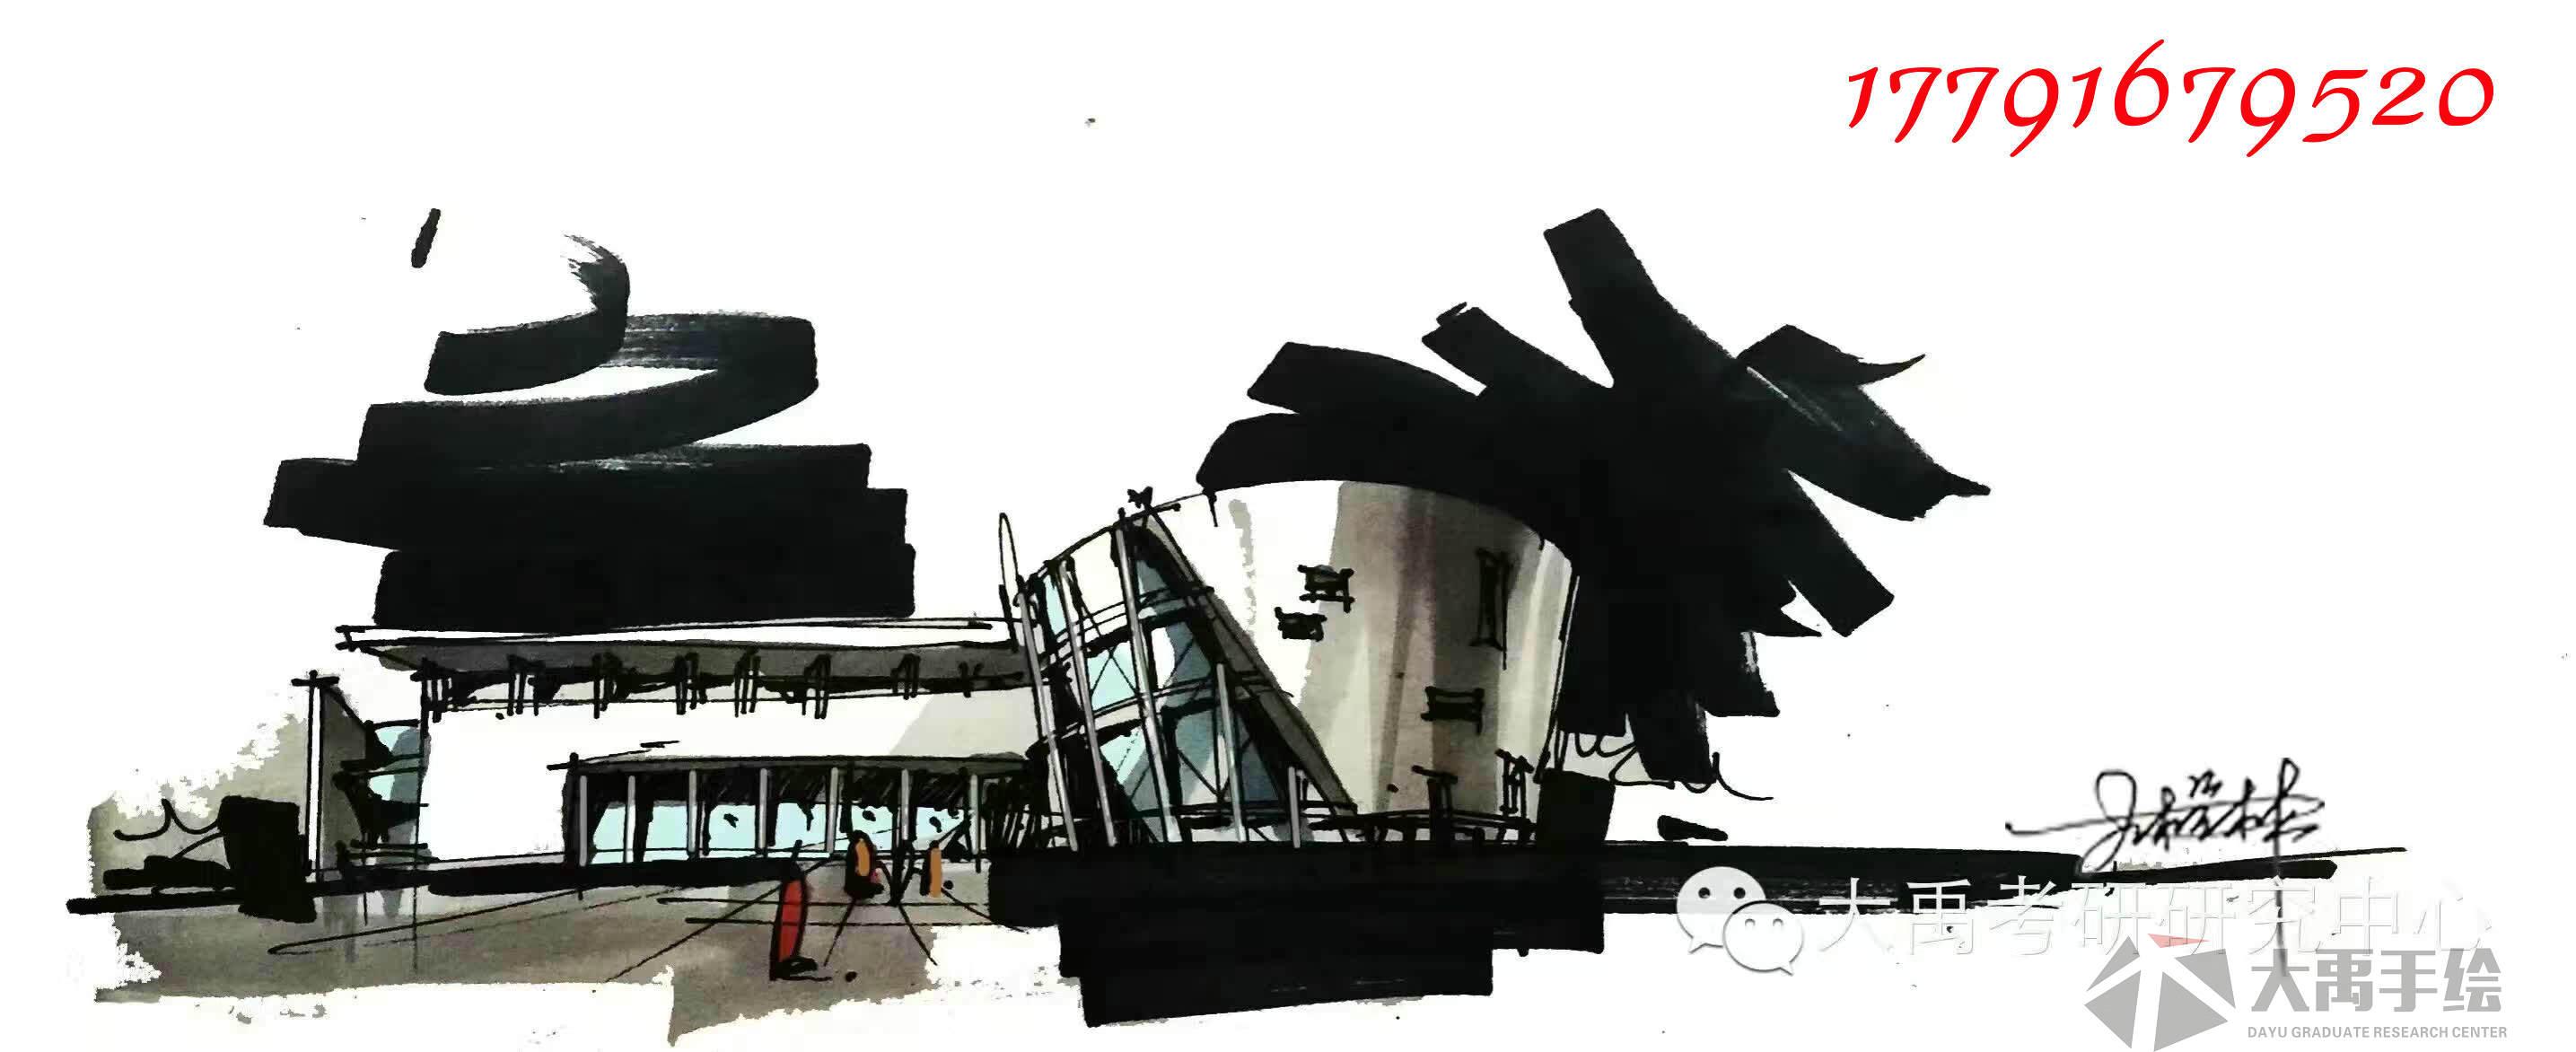 武汉景观考研培训,西安建筑考研培训,成都手绘培训